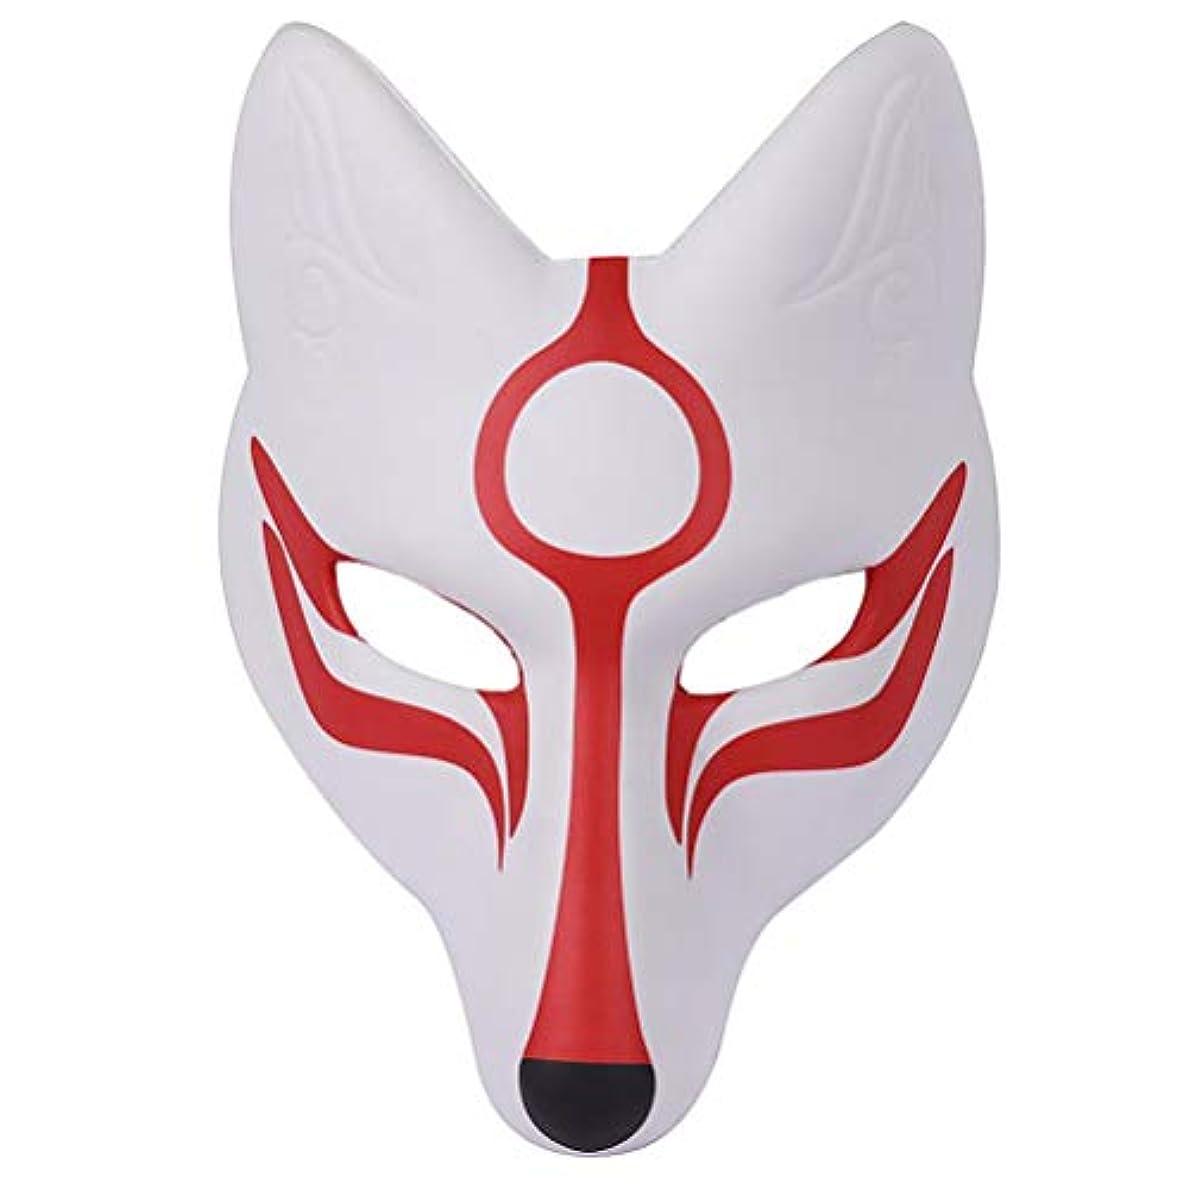 暗くする維持する開いたAMOSFUN フォックスマスク日本歌舞伎きつねマスク用男性女性子供ハロウィーン仮装衣装プロップ